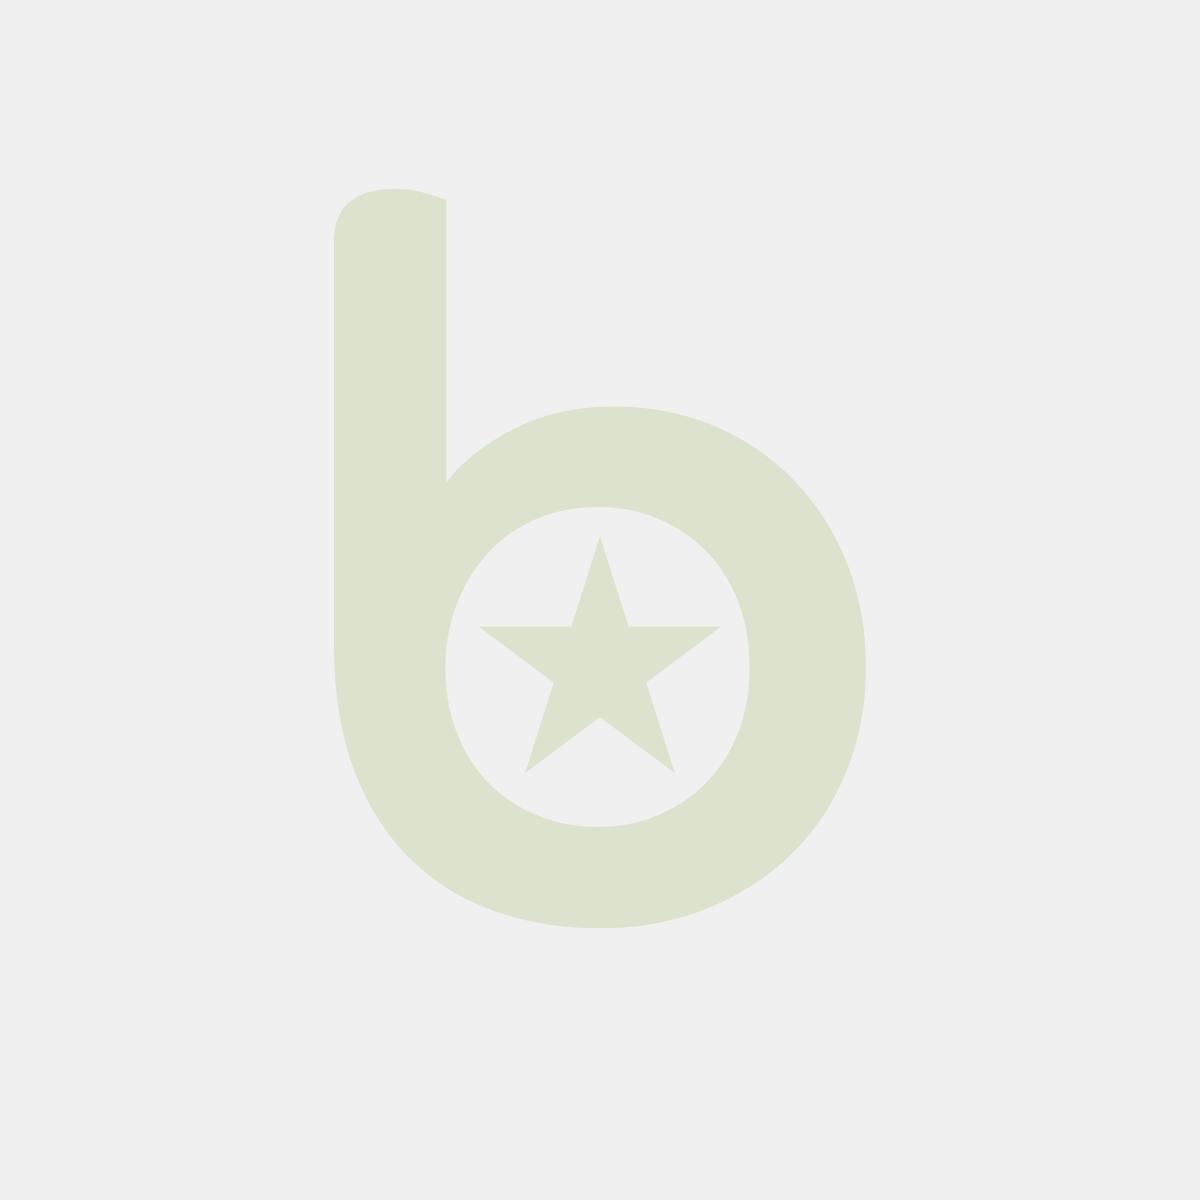 Patelnia do naleśników - płytka śr. 280 mm - kod 627679